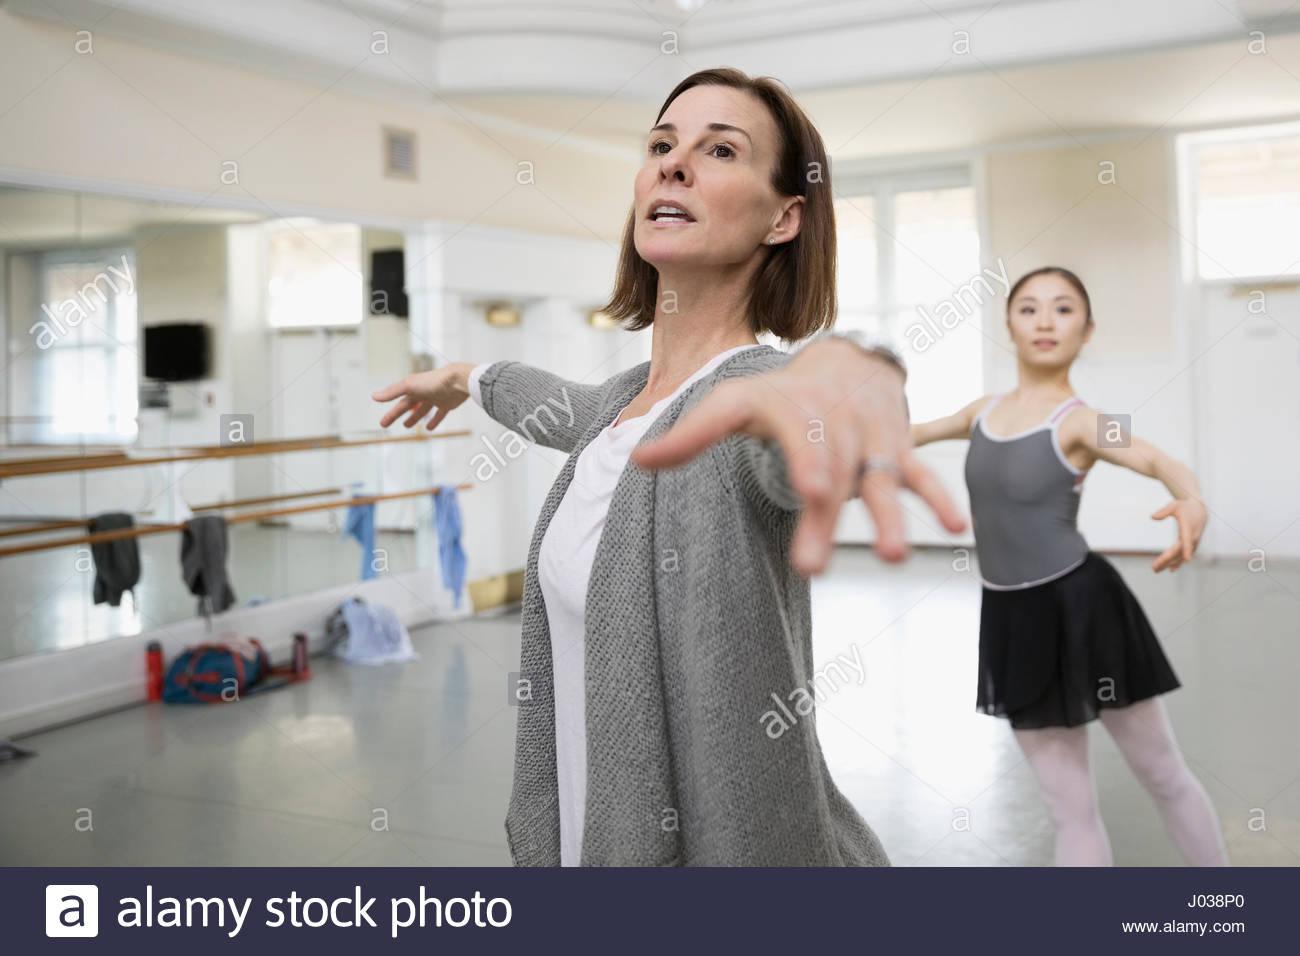 Instructeur féminin ballet directeurs exerçant dans un studio de danse Photo Stock